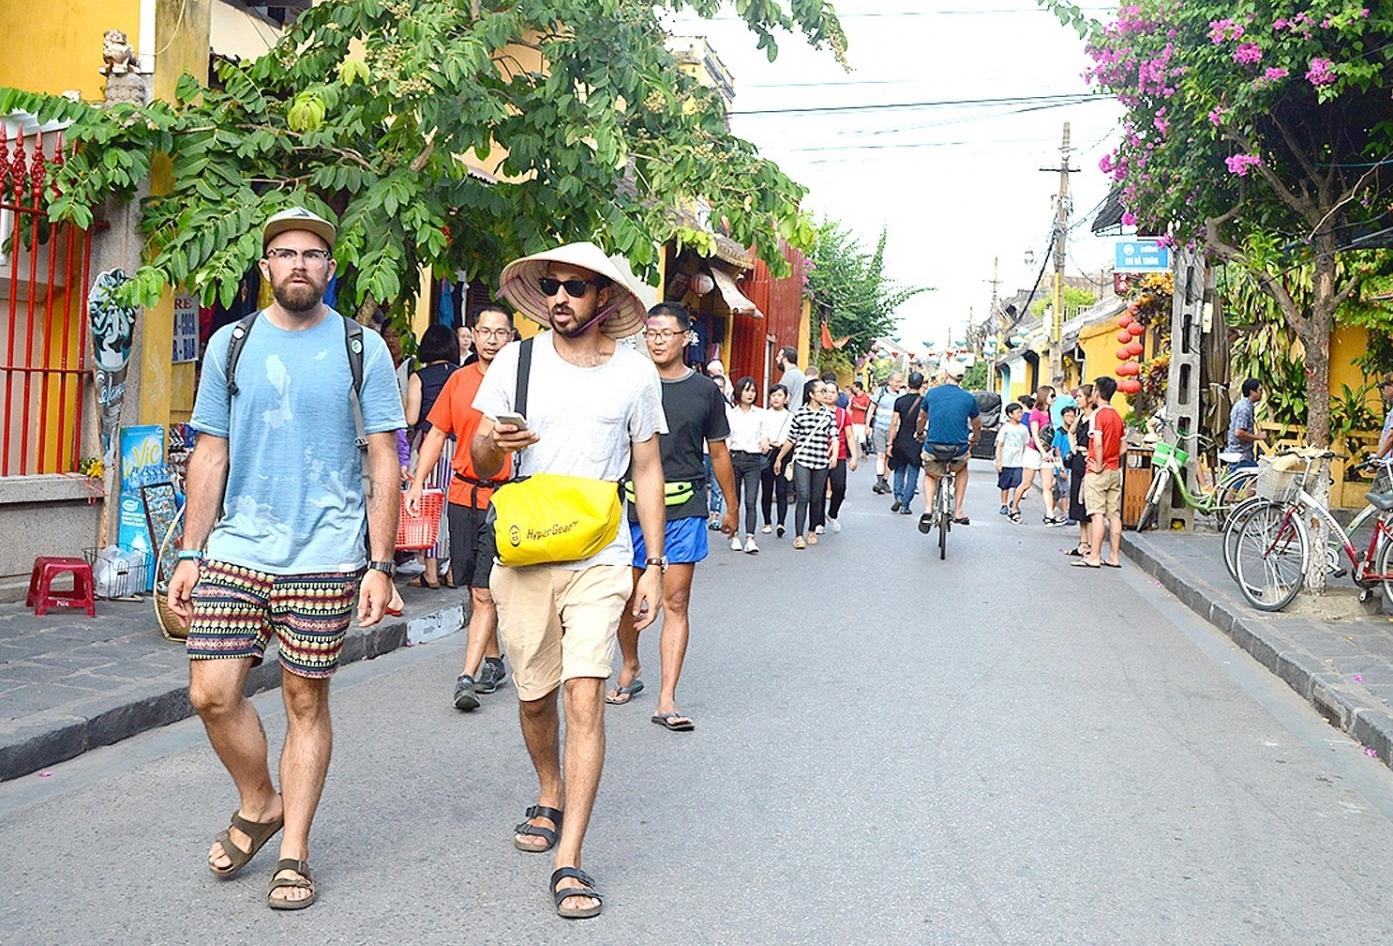 Tháng 7, khách du lịch quốc tế đến Việt Nam tăng 11%